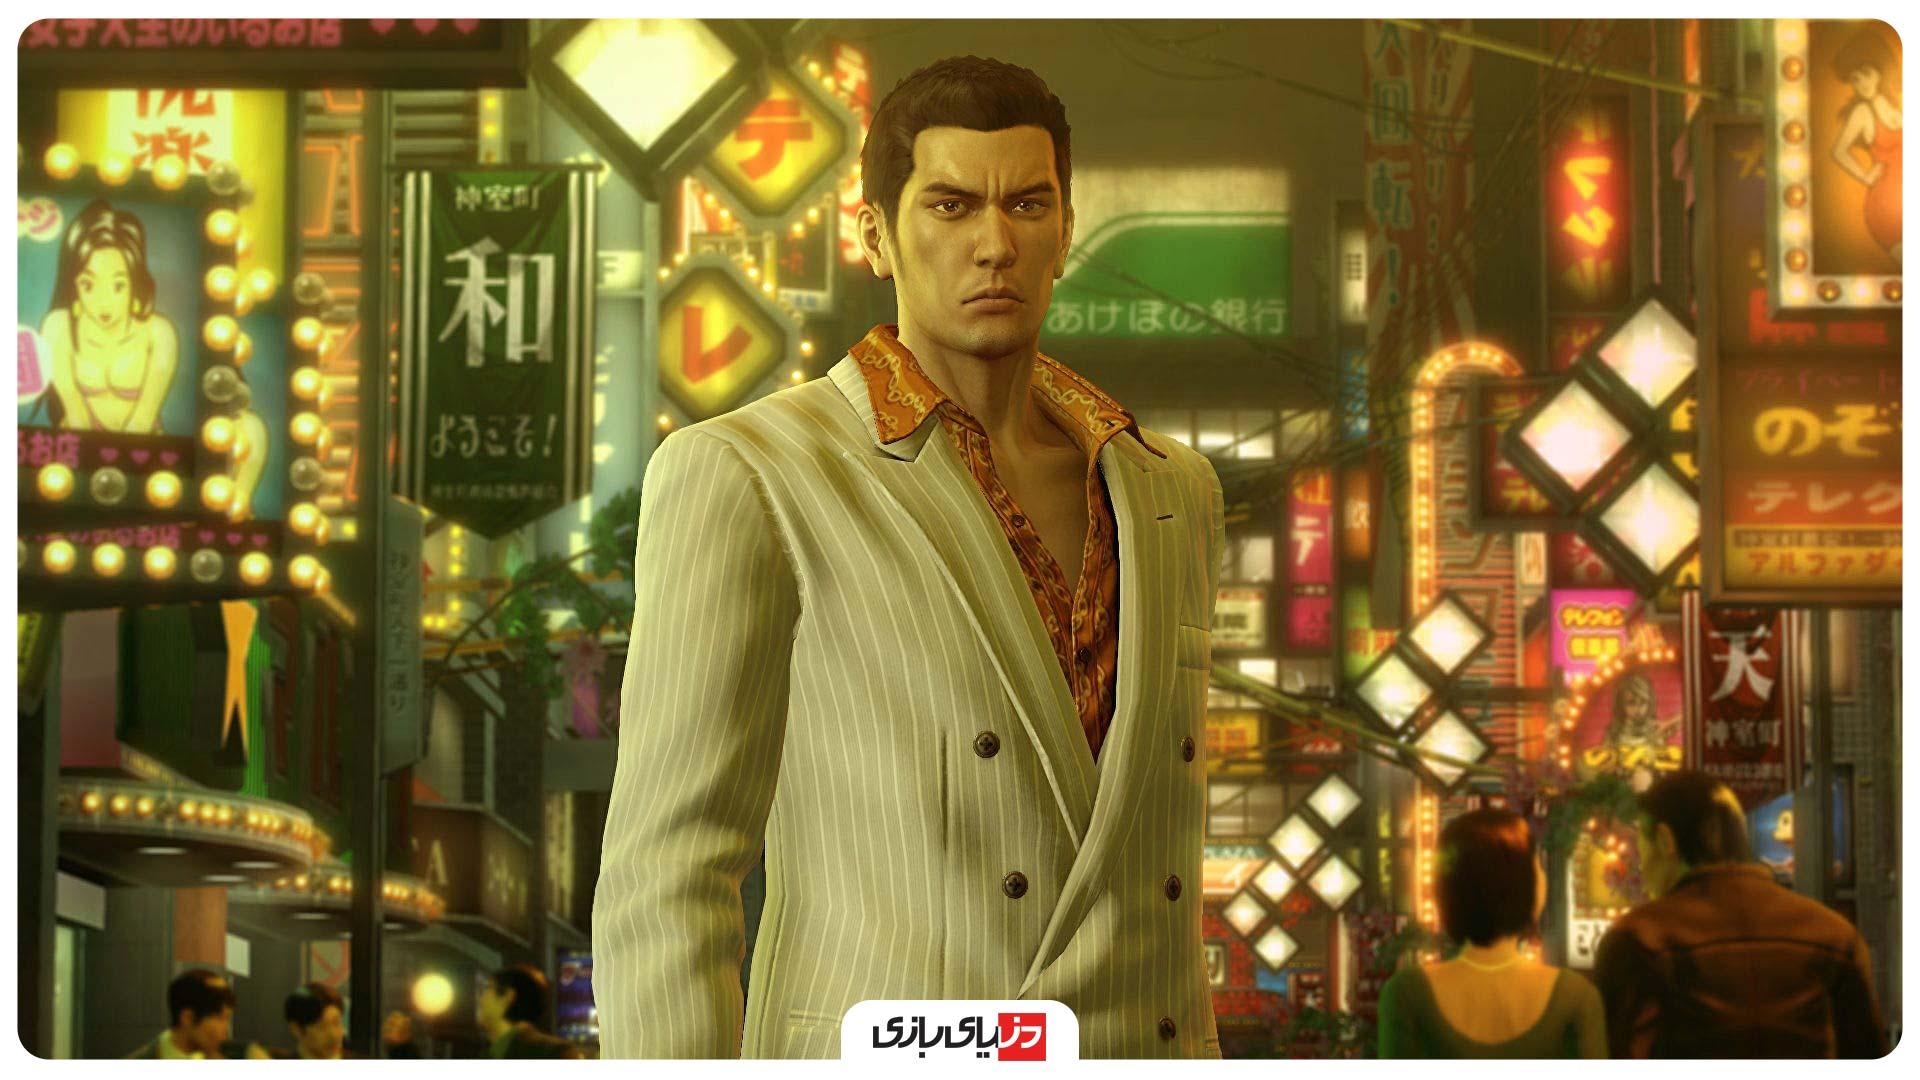 بهترین بازی های شبیه GTA V - بازی Yakuza 0